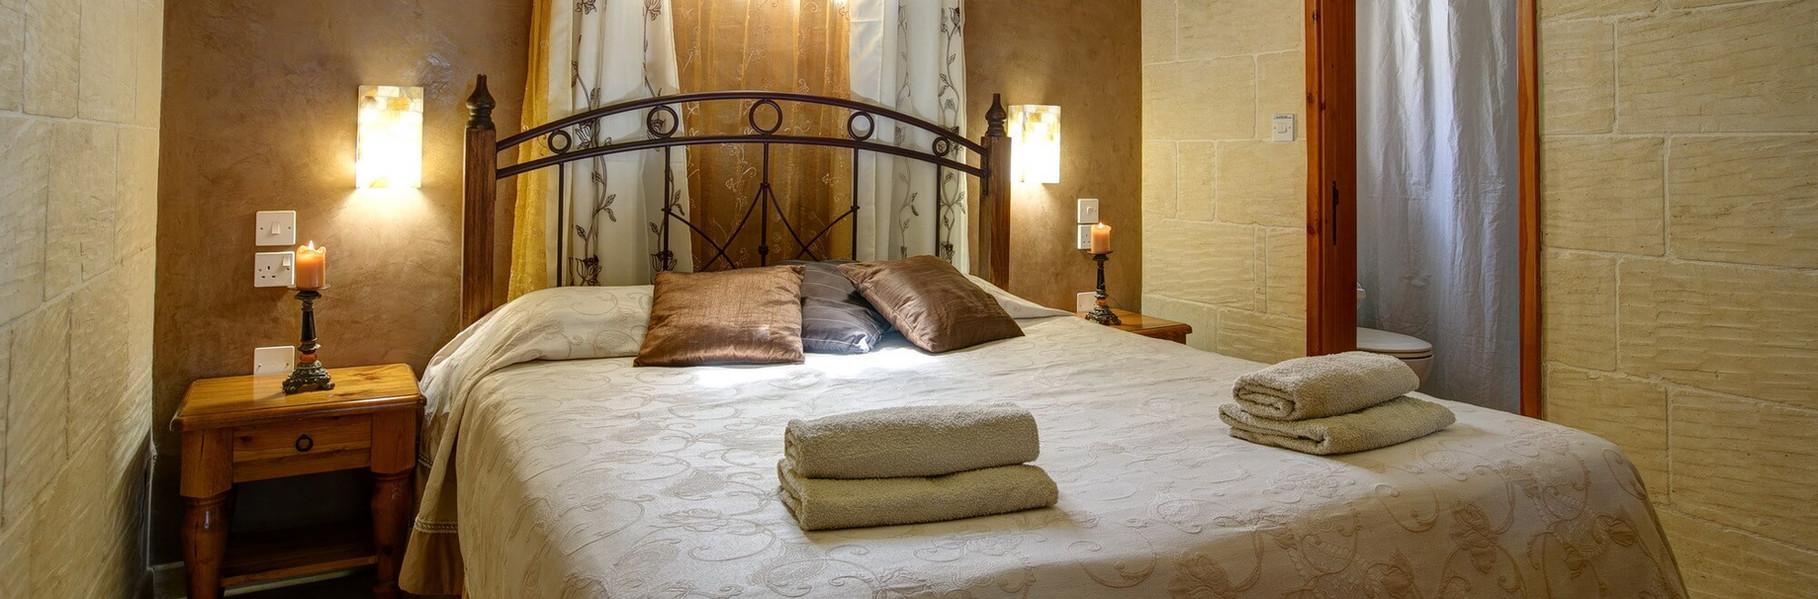 bedroom2-villa1.jpg